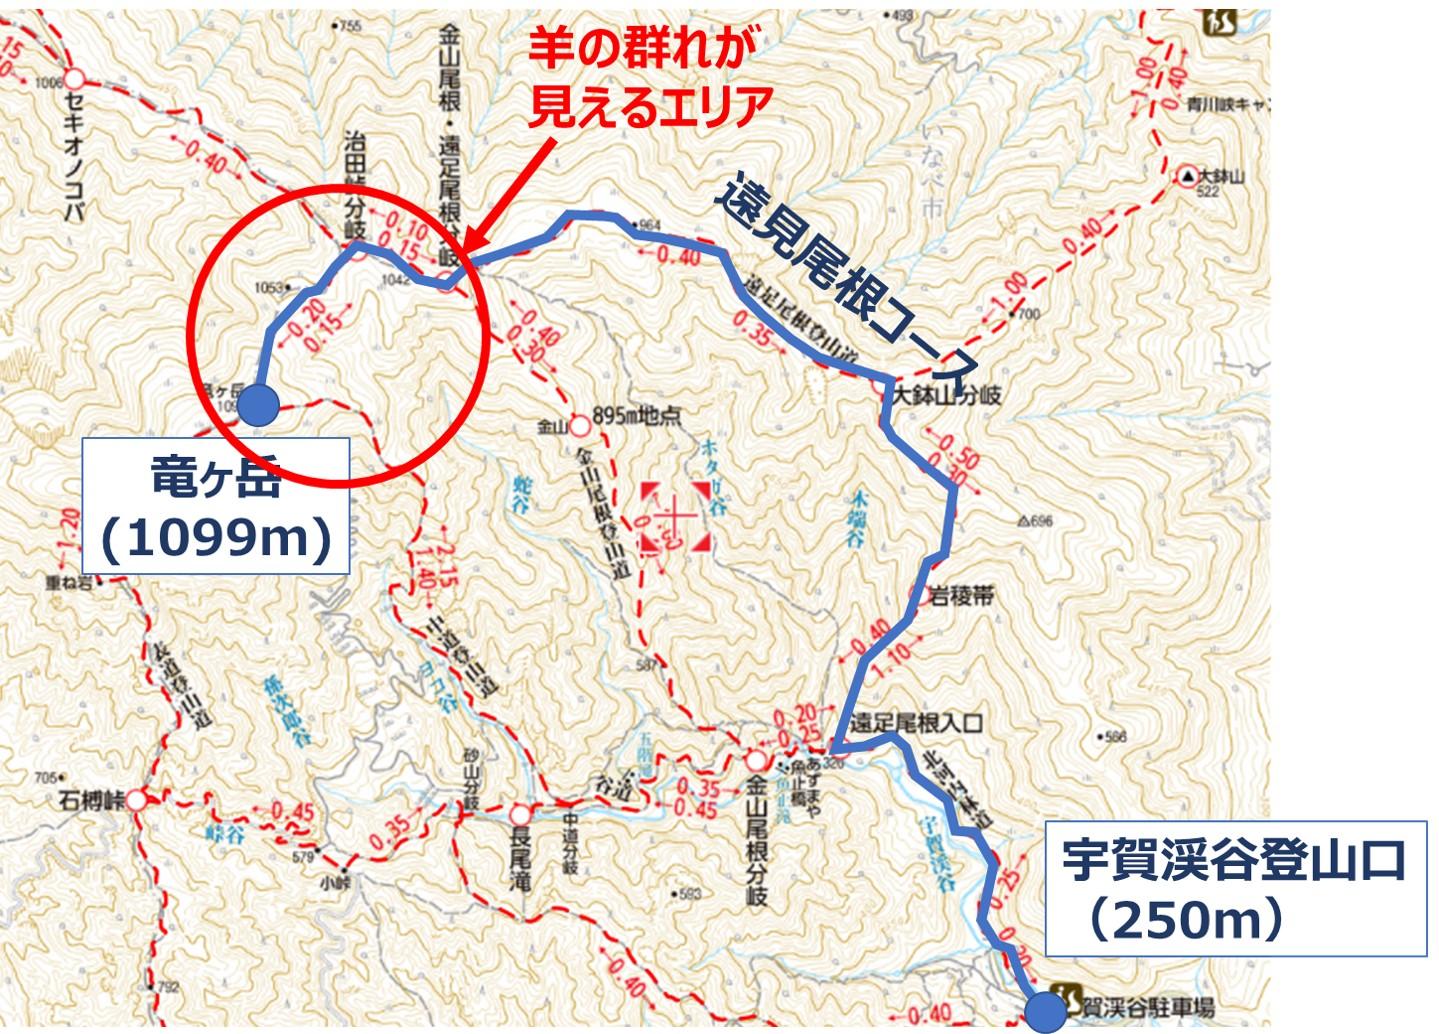 竜ヶ岳のおすすめ登山コース